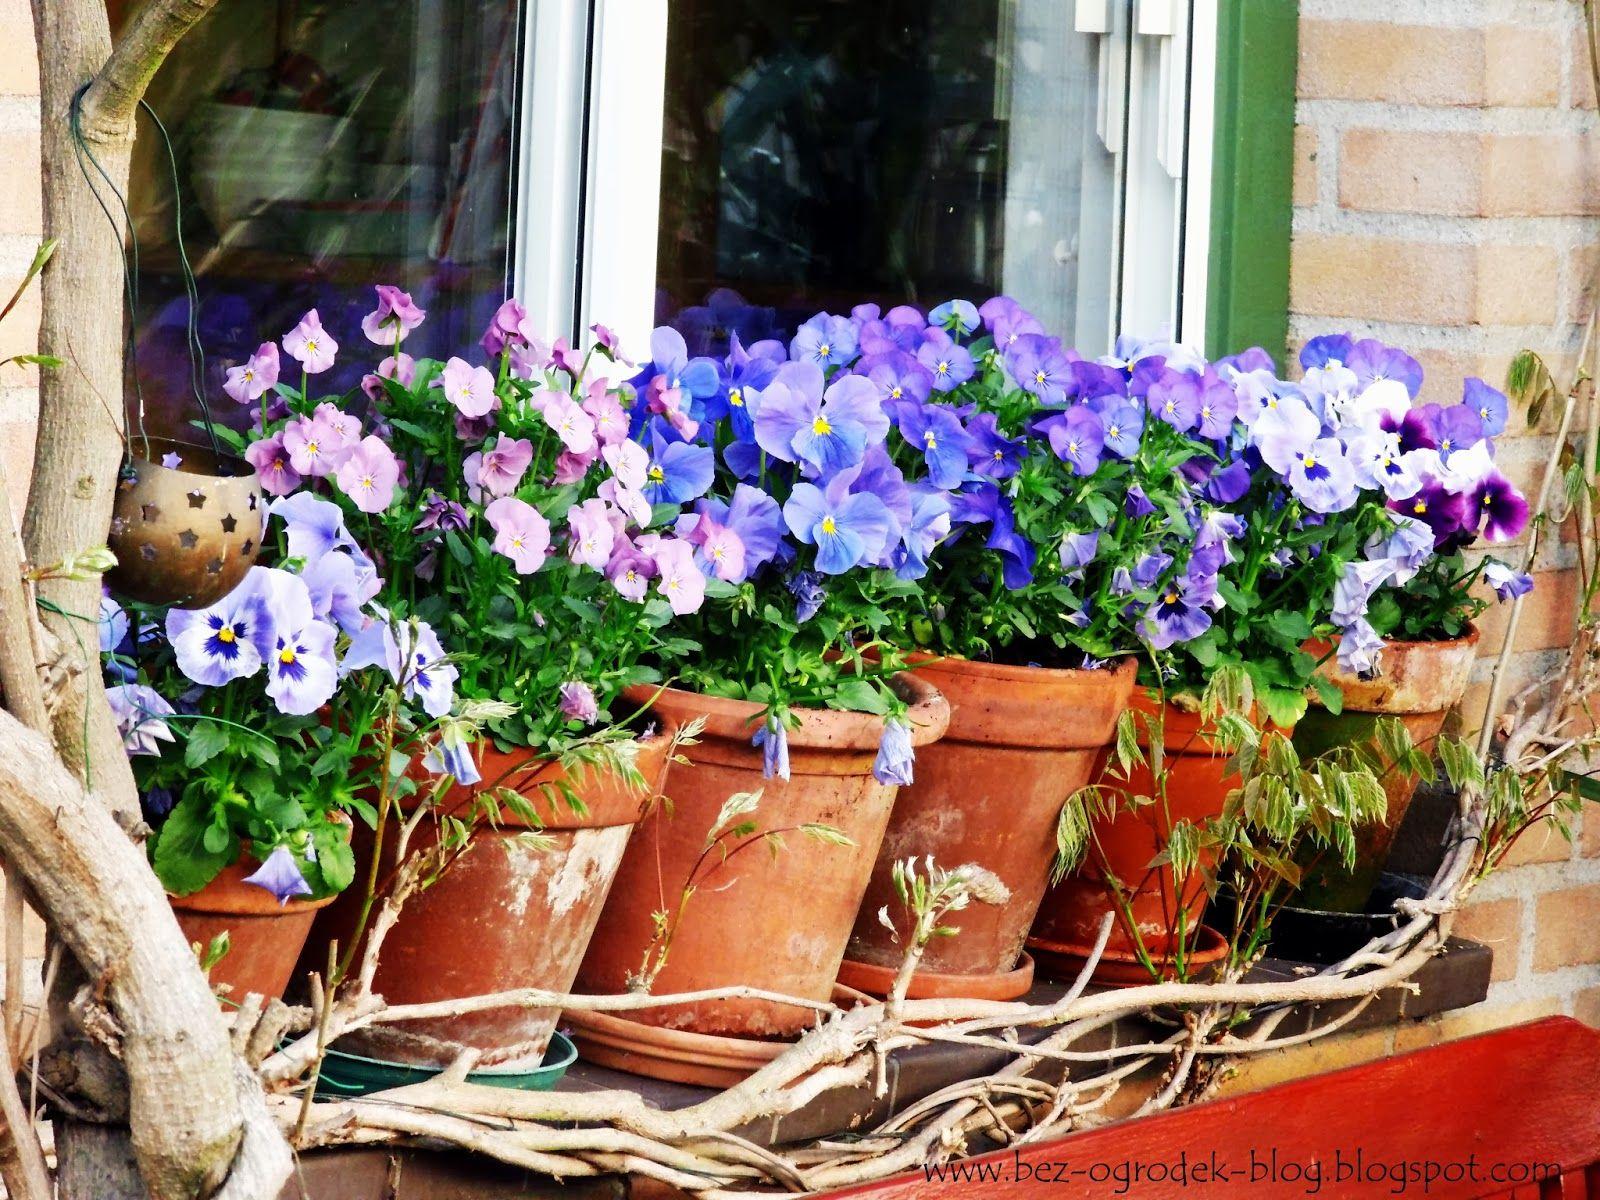 Kwiaty Cebulowe W Donicach Bez Ogrodek Blog Ogrodniczy Pansies Planter Pots Window Sill